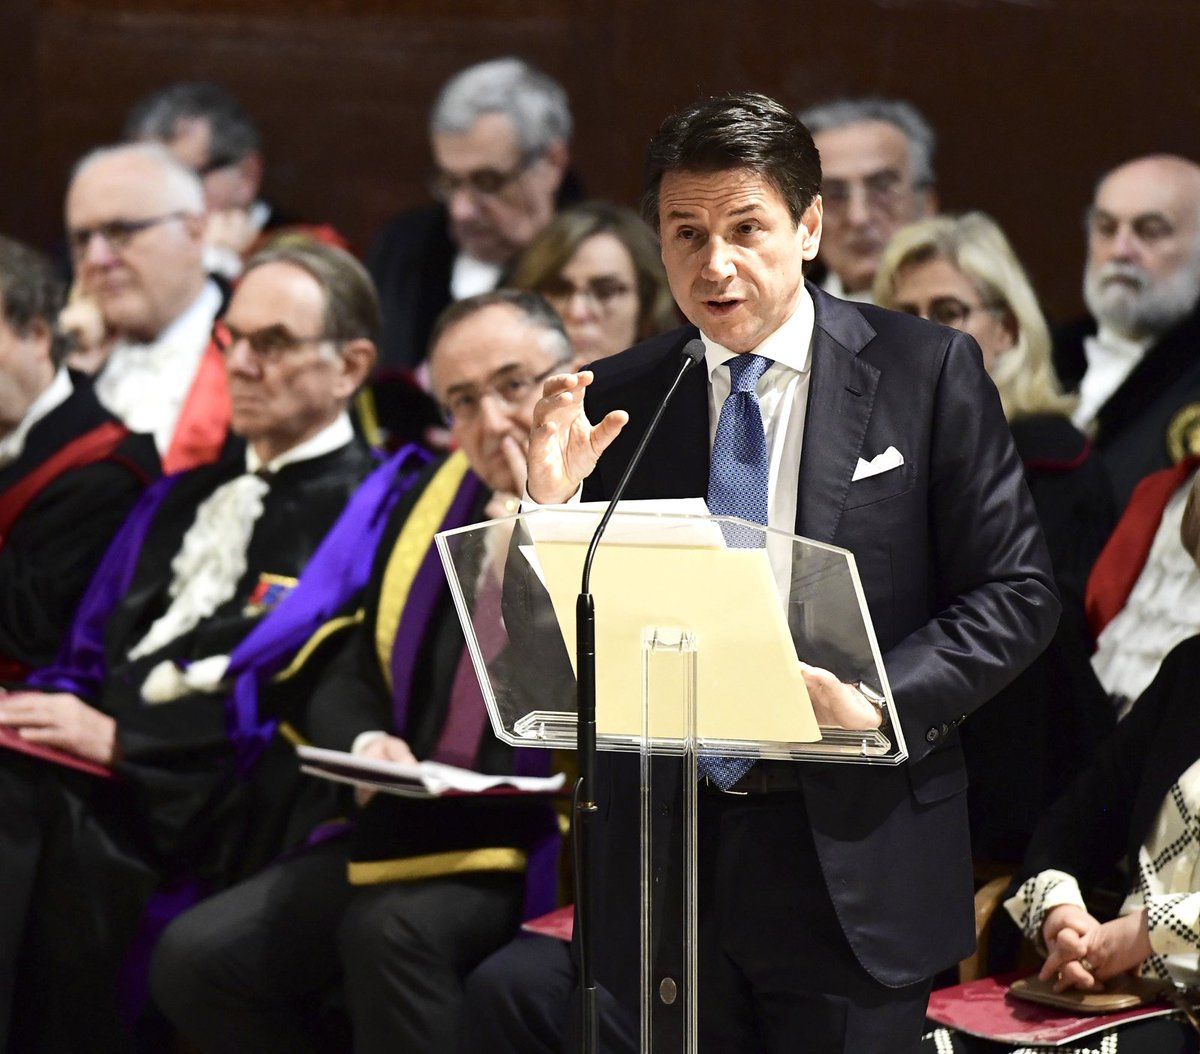 Il Presidente @GiuseppeConteIT ha partecipato all'inaugurazione dell'Anno Accademico dell'Università La Sapienza. Le foto, il video e il testo dell'intervento https://t.co/RcGPJOK99V